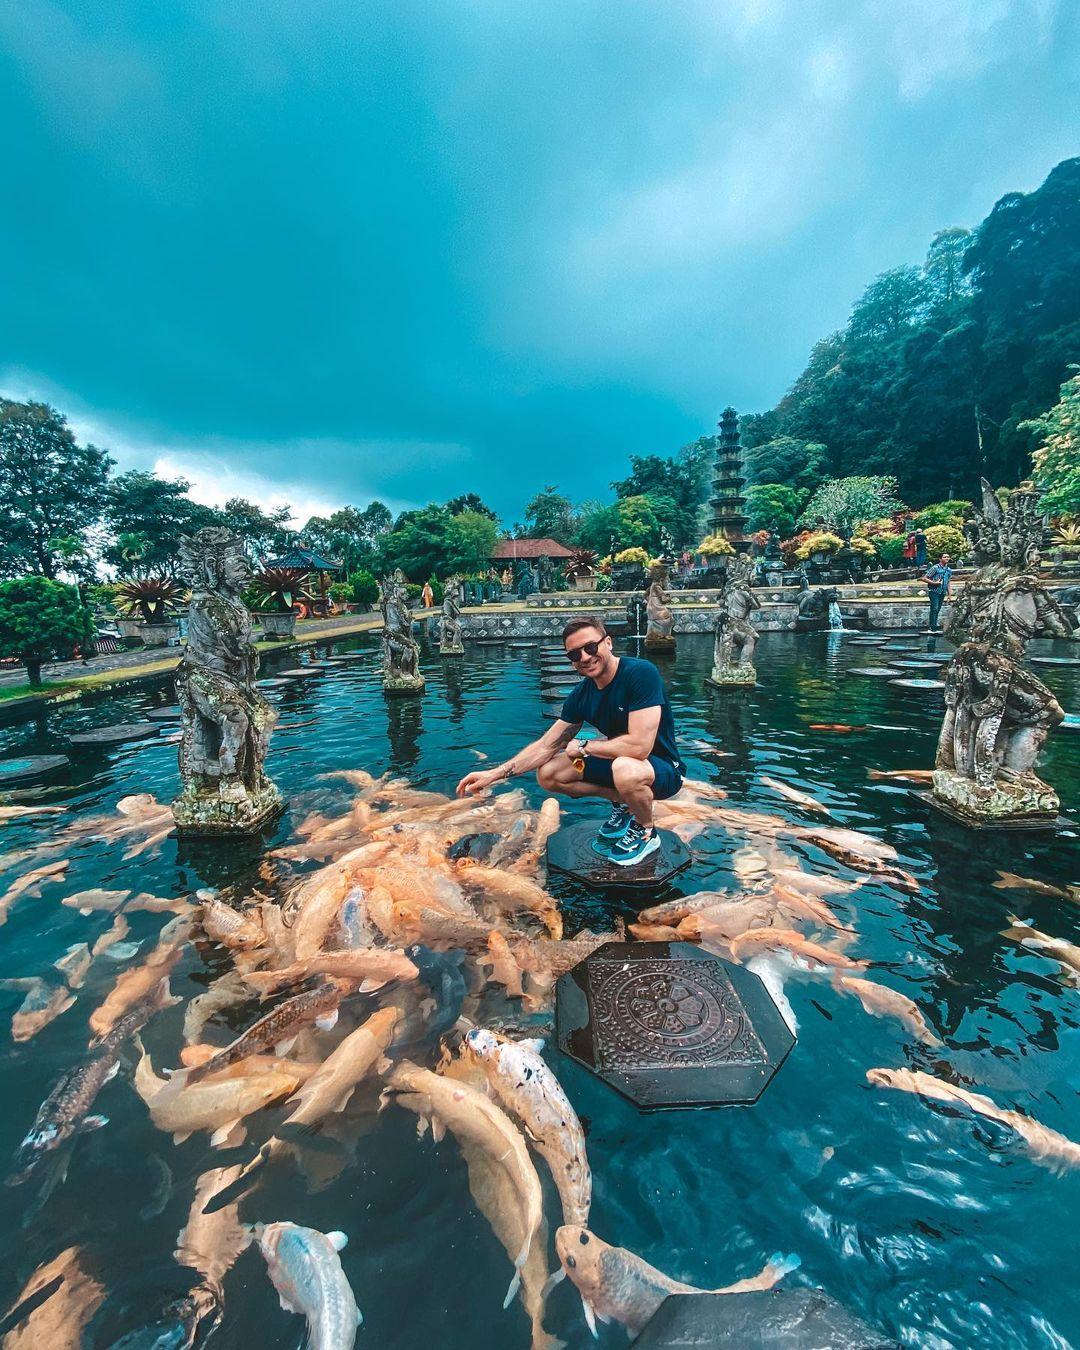 Сергей Лазарев наслаждается достопримечательностями Бали. Фото: @lazarevsergey